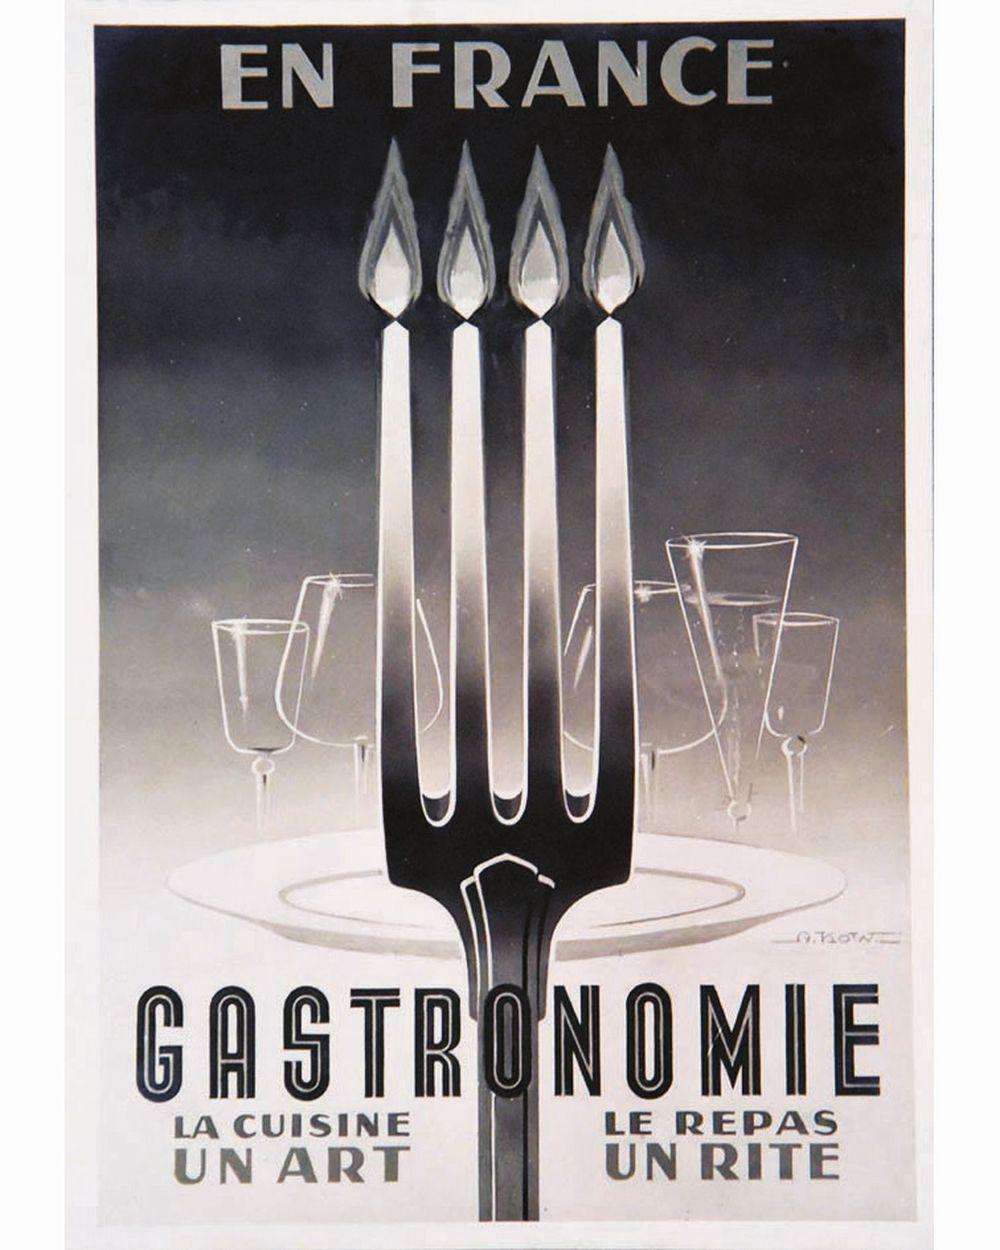 KOW ALEXIS - Gastronomie en France La Cuisine est un Art le Repas un rite gouache signée par Alexis Kow     vers 1950